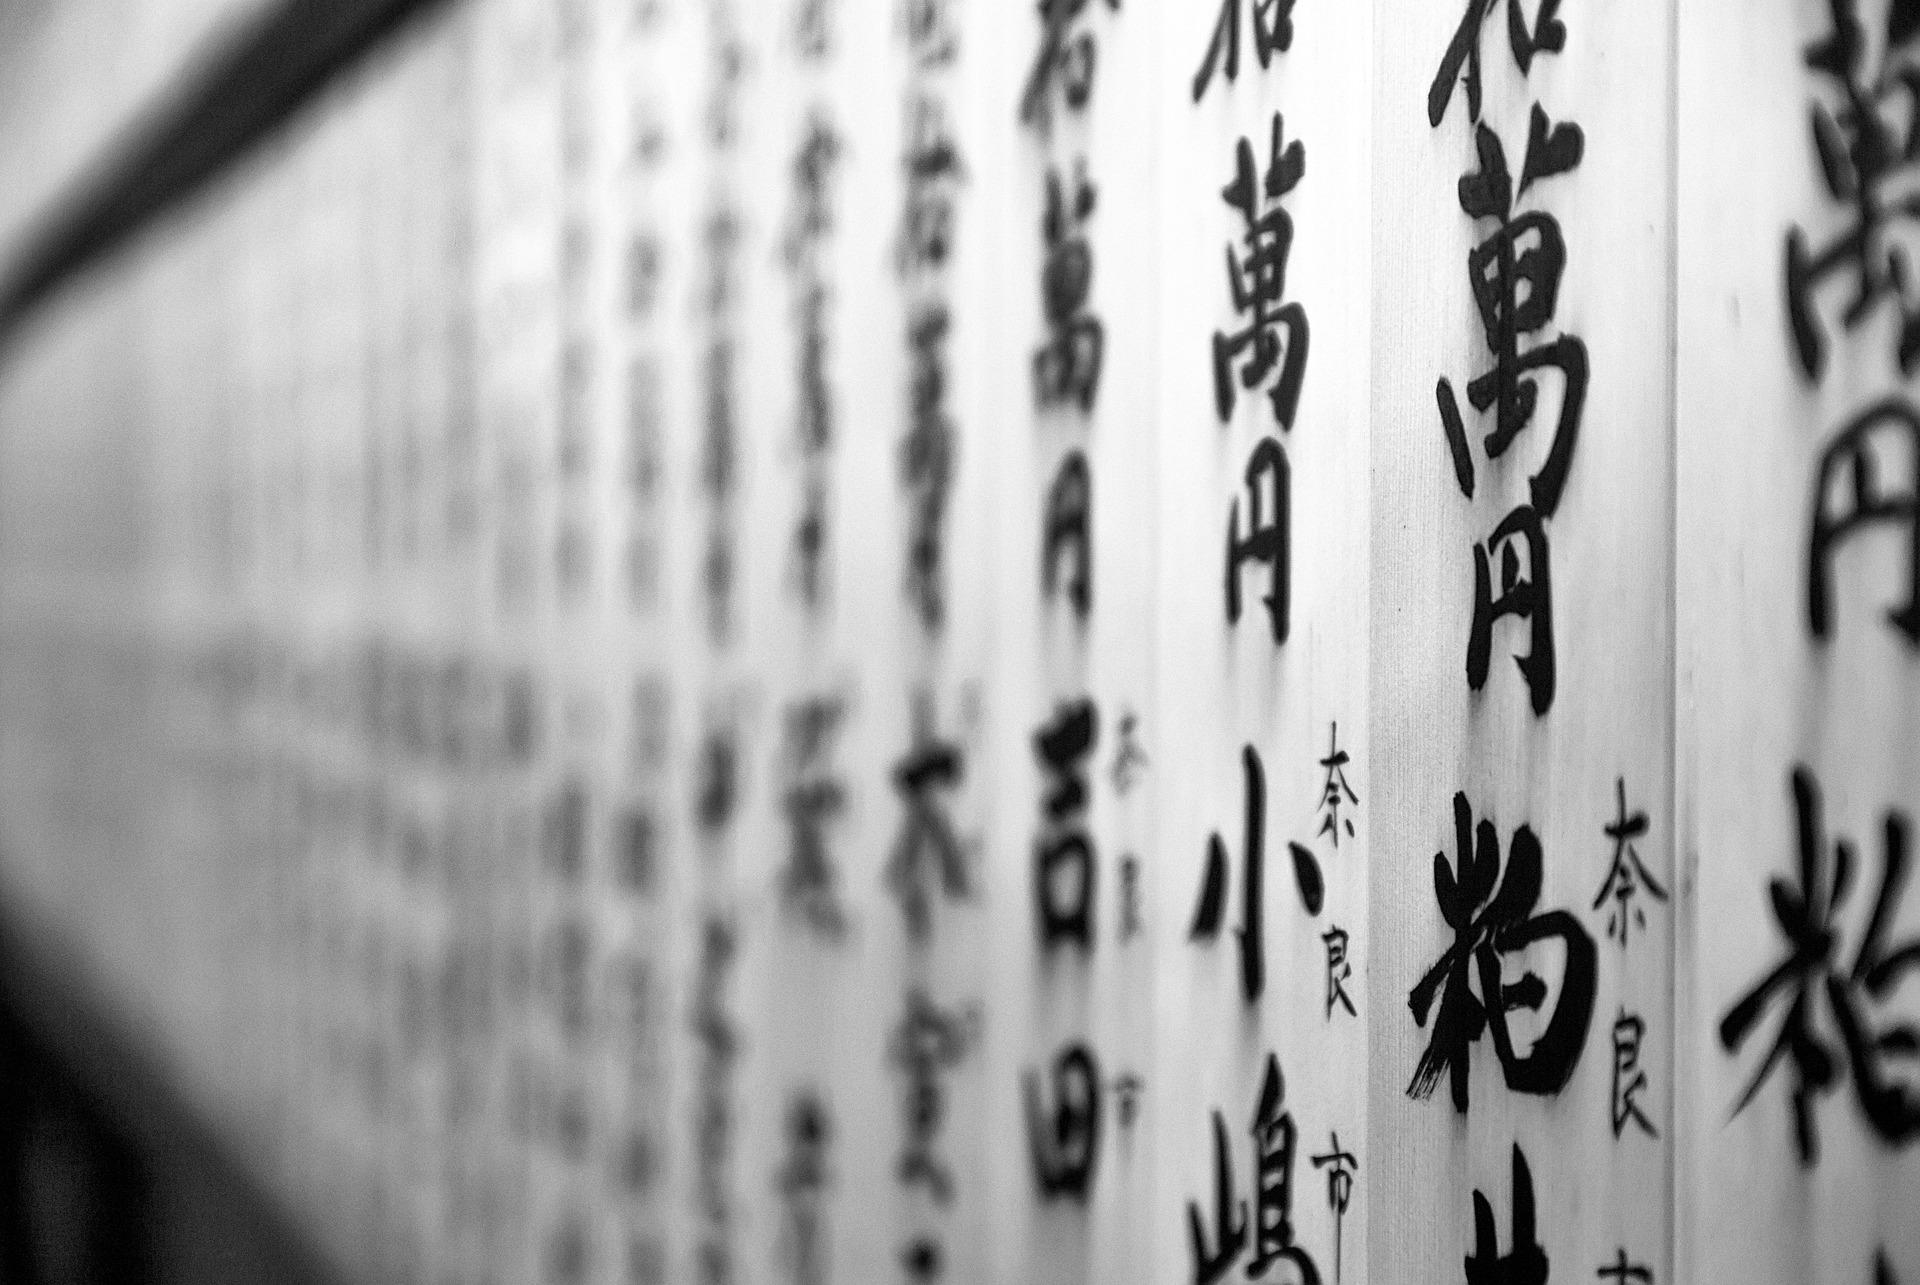 映画「書道ガールズ!!わたしたちの甲子園」圧巻の書道パフォーマンスが観れる